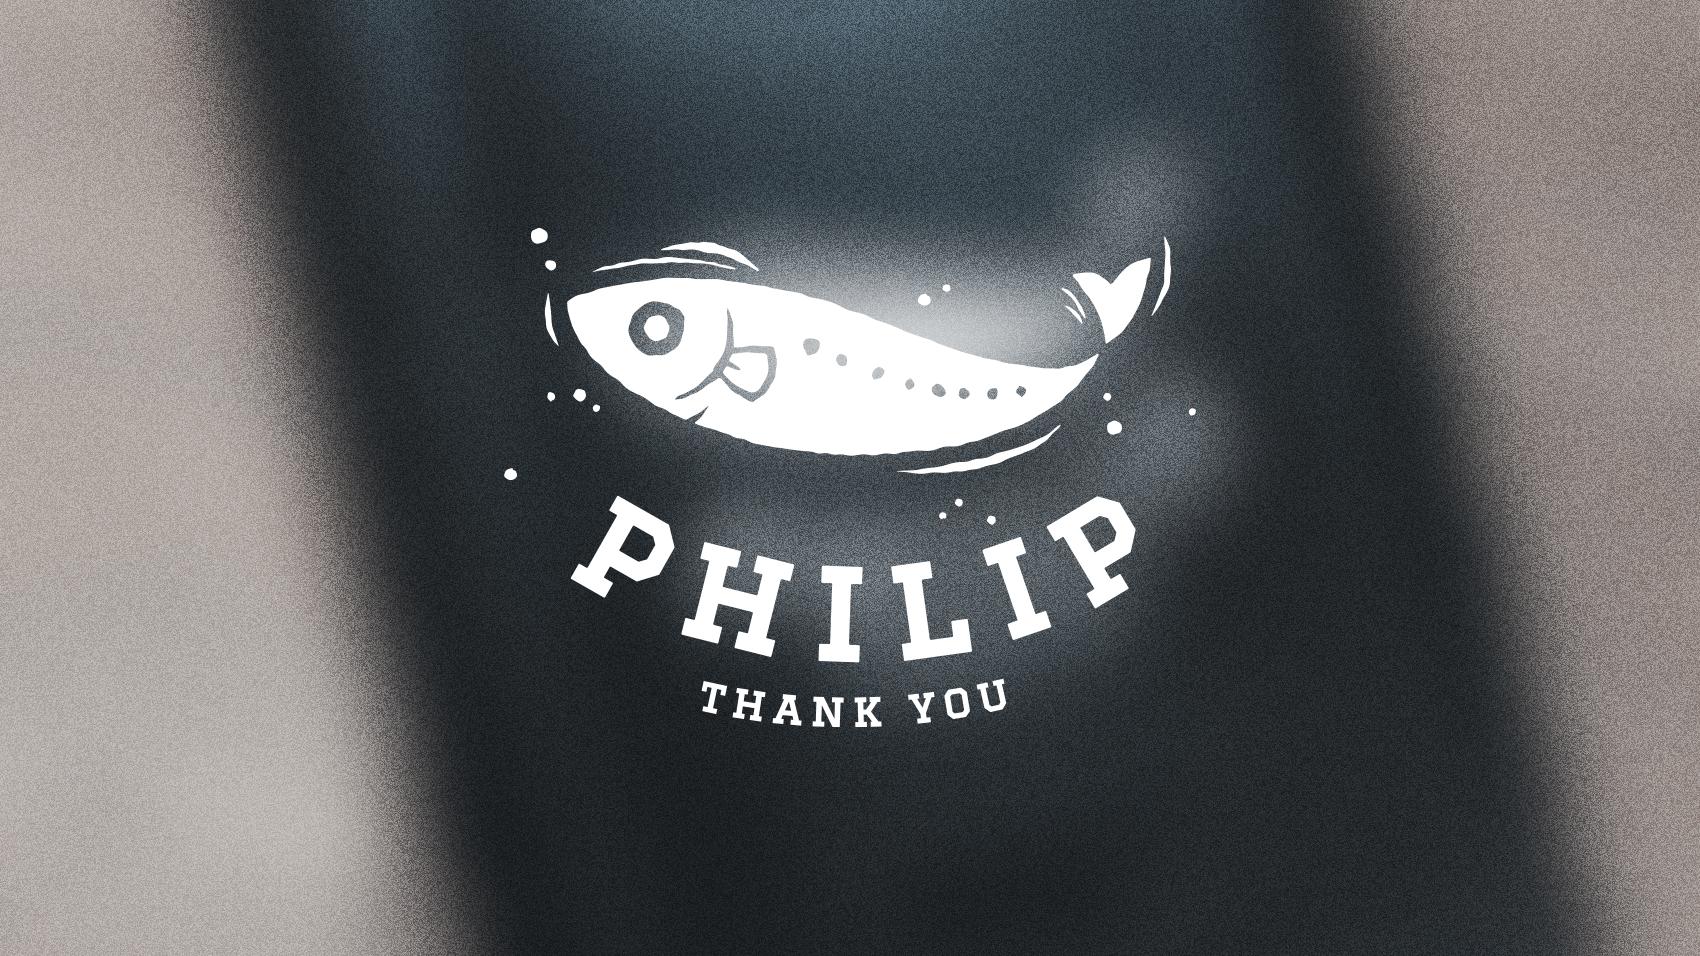 元同僚が「しらすのフィリップ」のロゴを勝手にステッカーにして楽しんでいる件